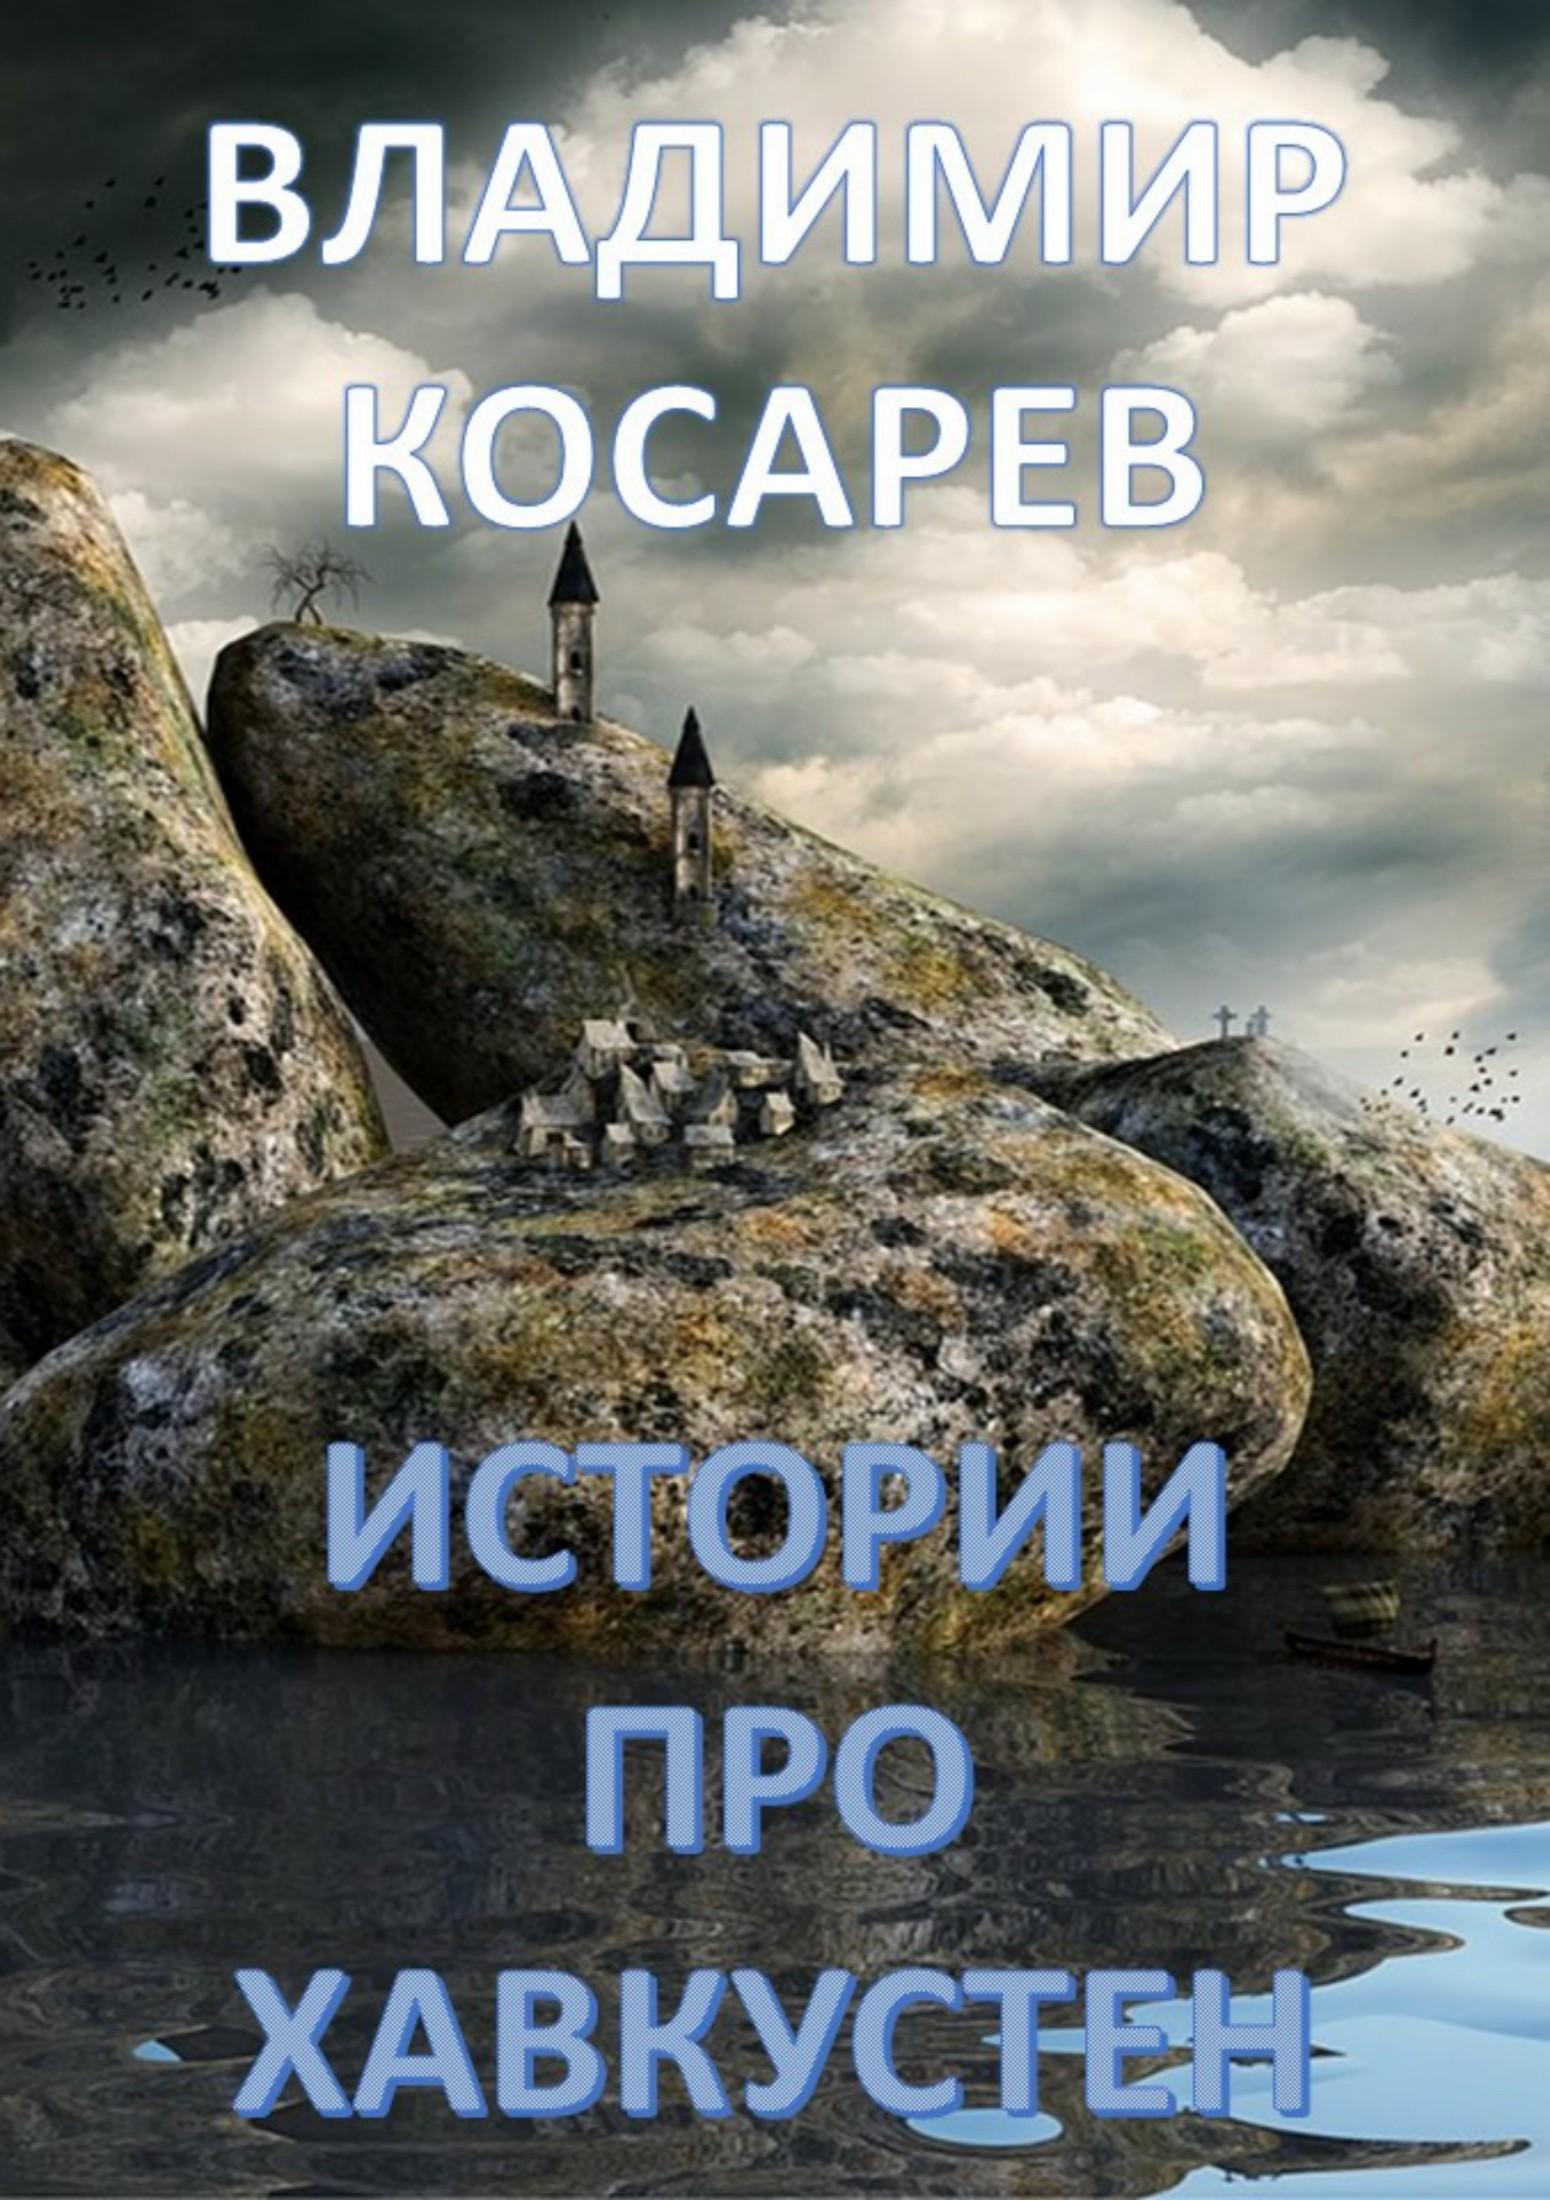 Владимир Косарев - Про Хавкустен